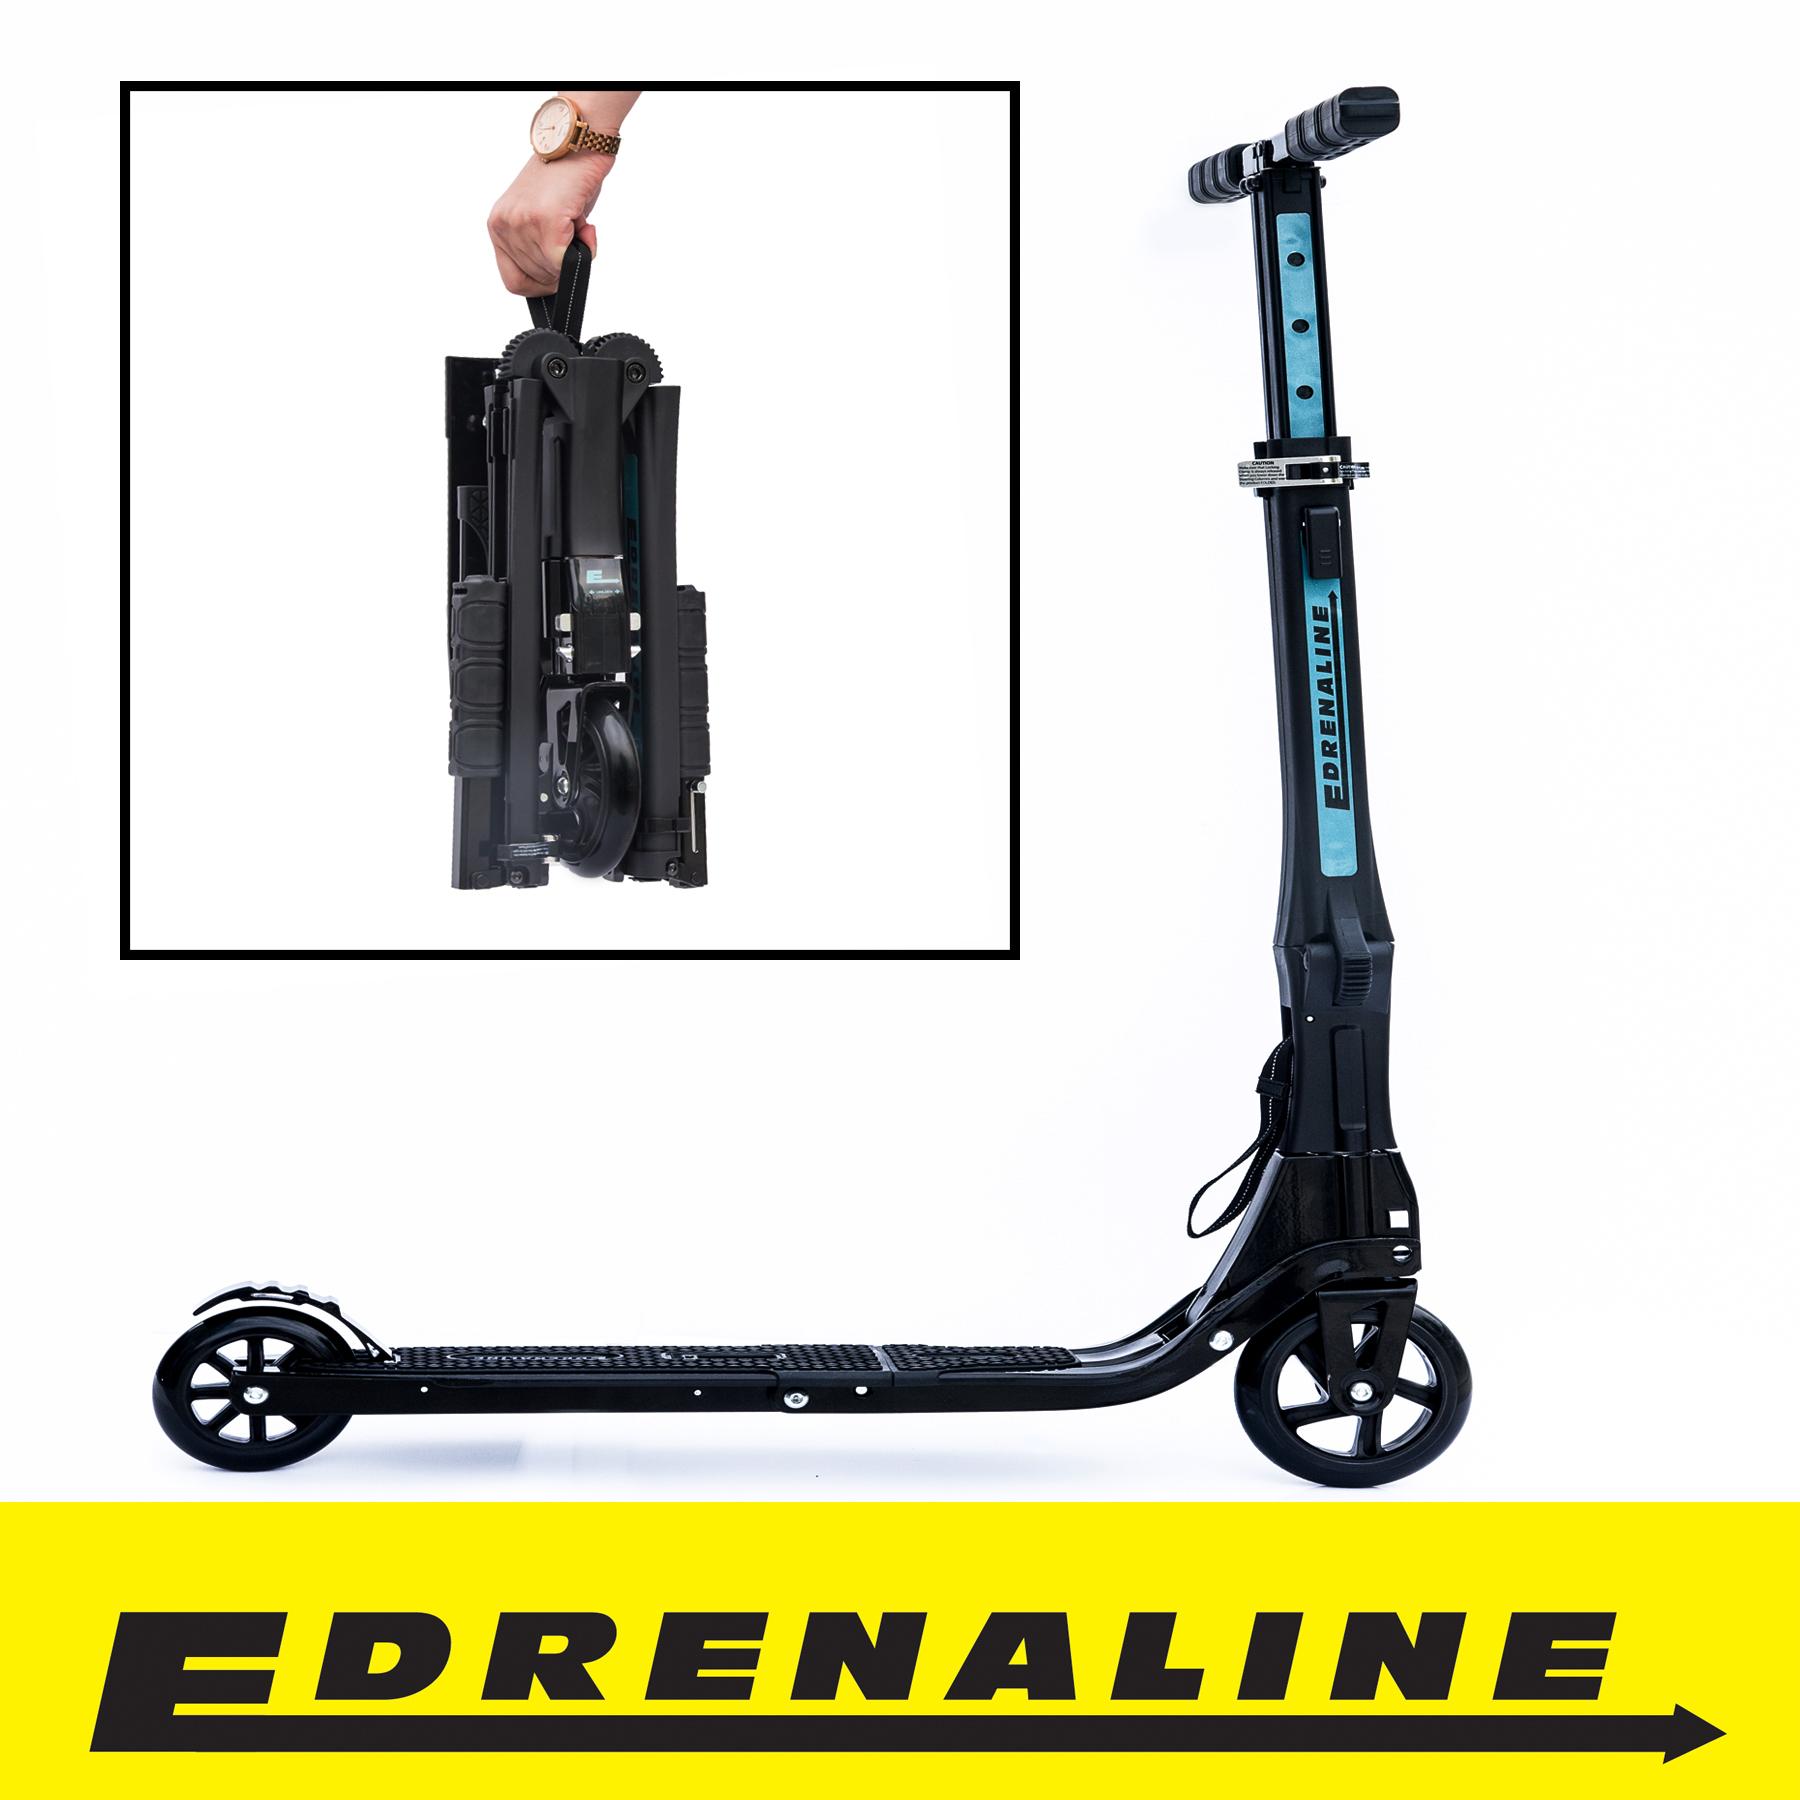 Edrenaline Scooters